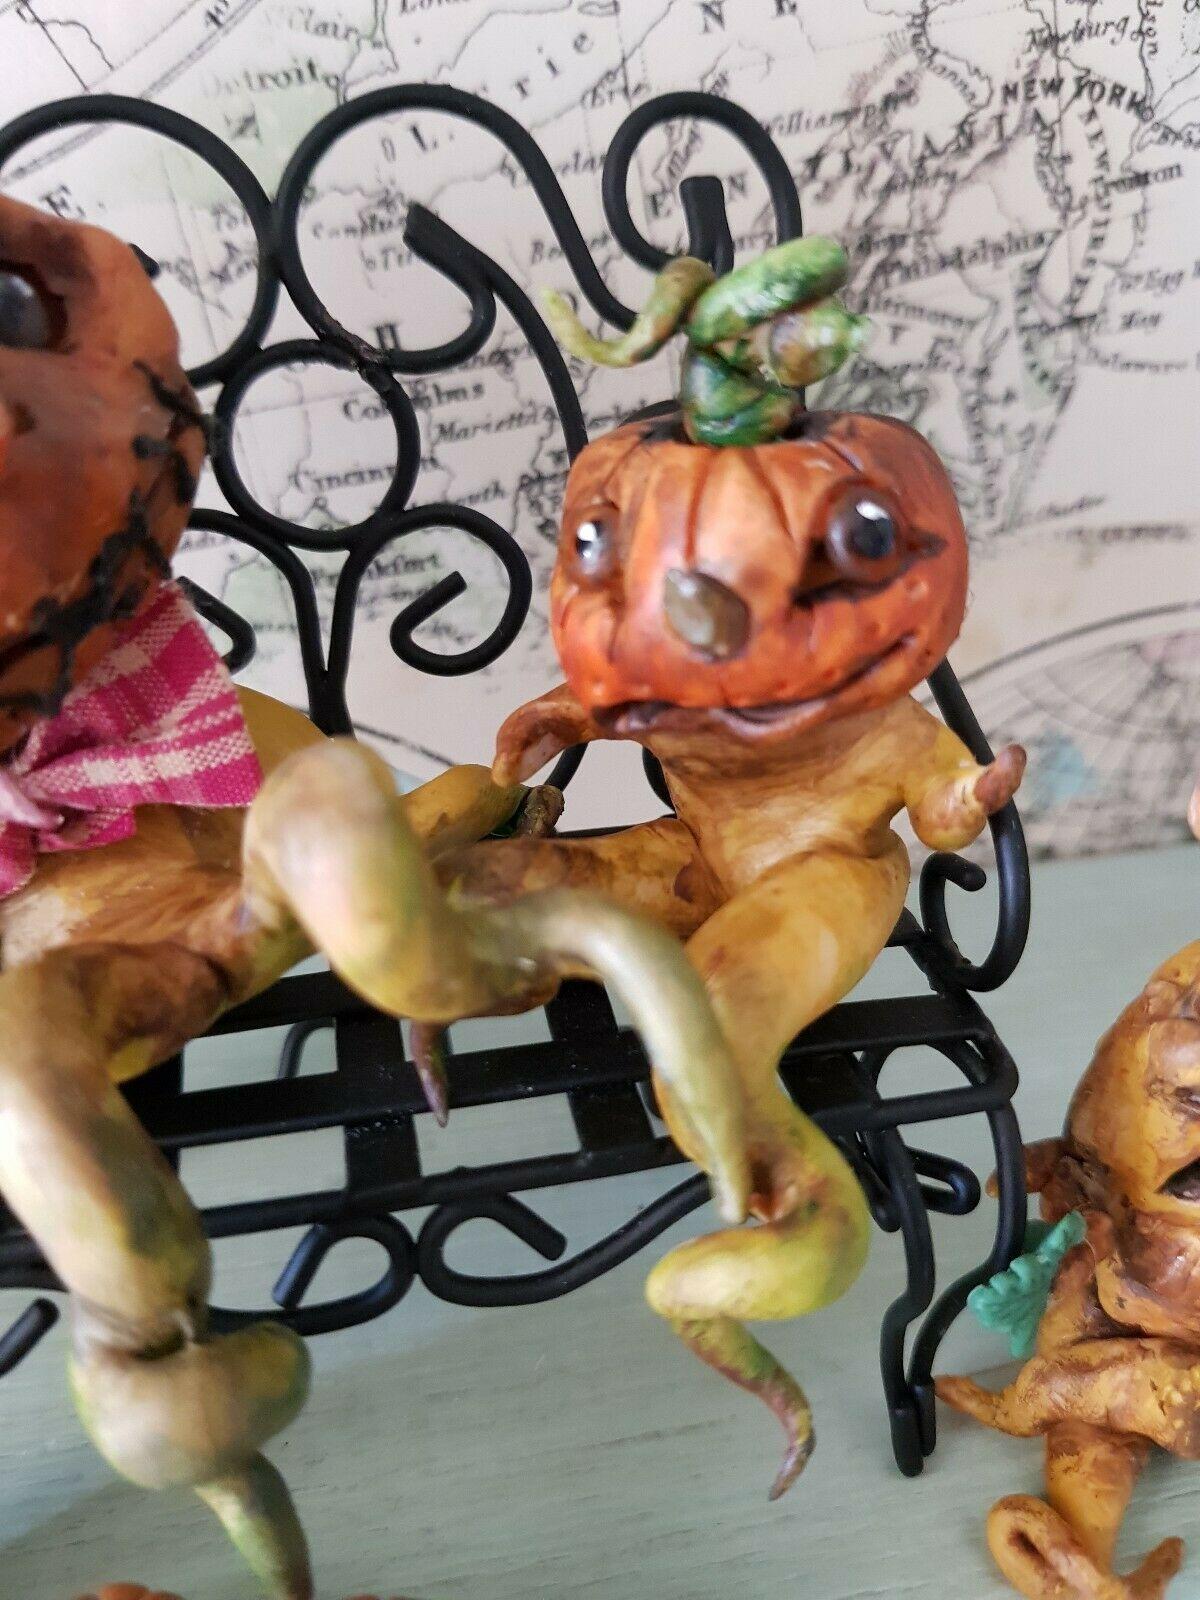 Artisan Dolls House Polymer Clay magic pumpkin garden Ooak Figure 1:12th Puppenstuben & -häuser